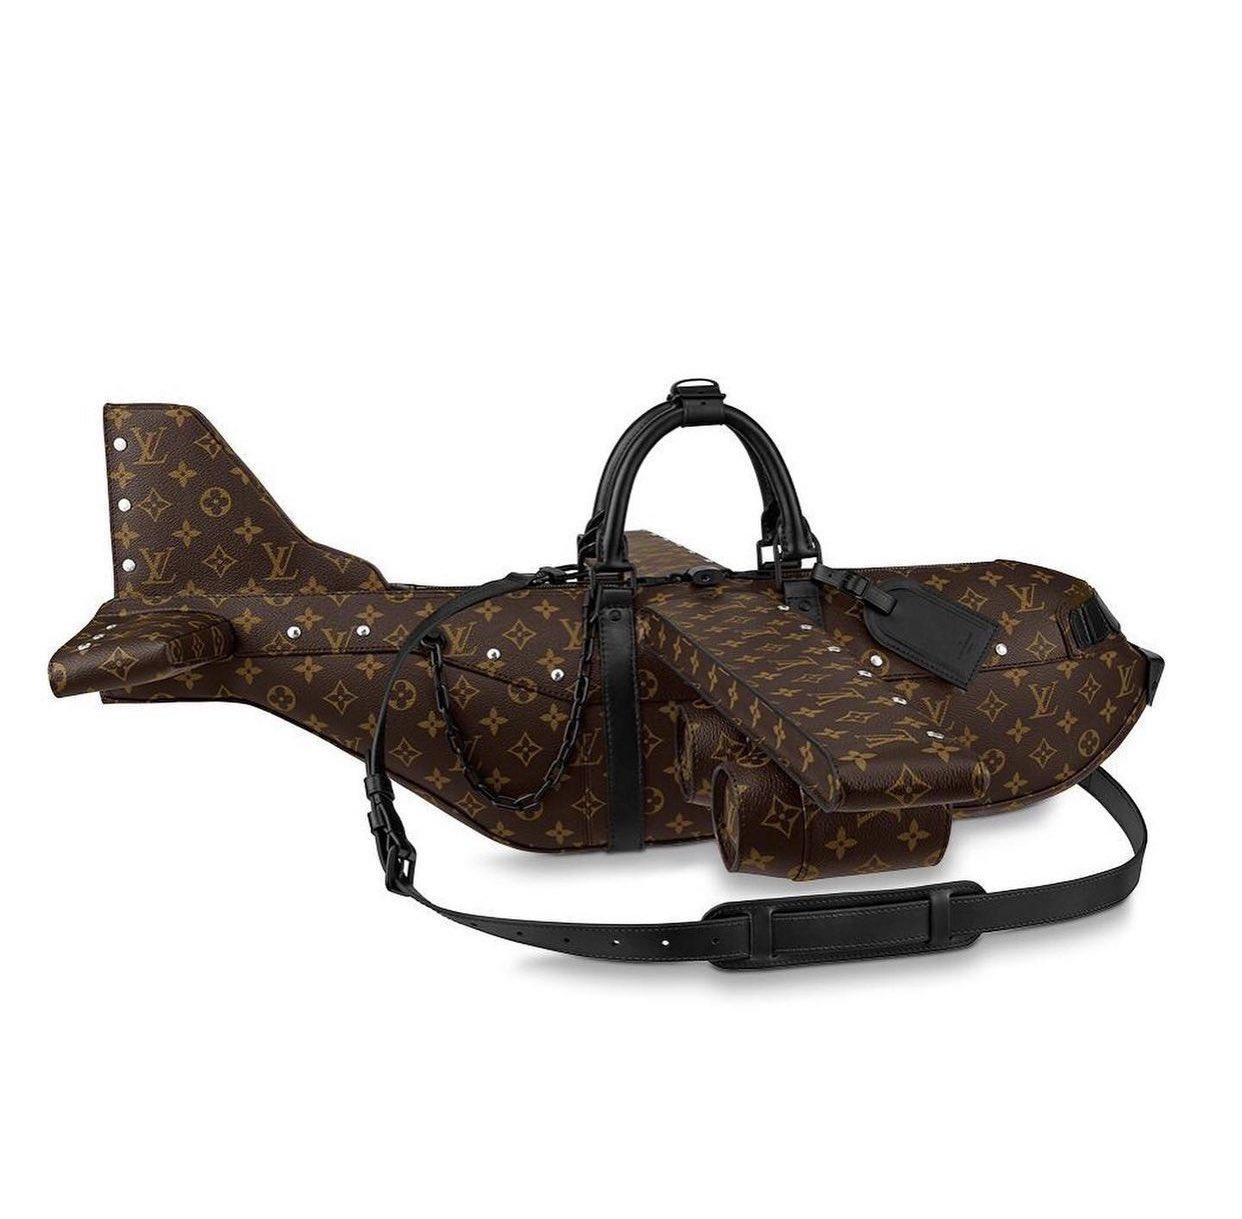 """Pesawat Terbang Jadi Bentuk Tas Terbaru Louis Vuitton, Harganya Lebih Mahal Dari """"Pesawat Asli"""""""